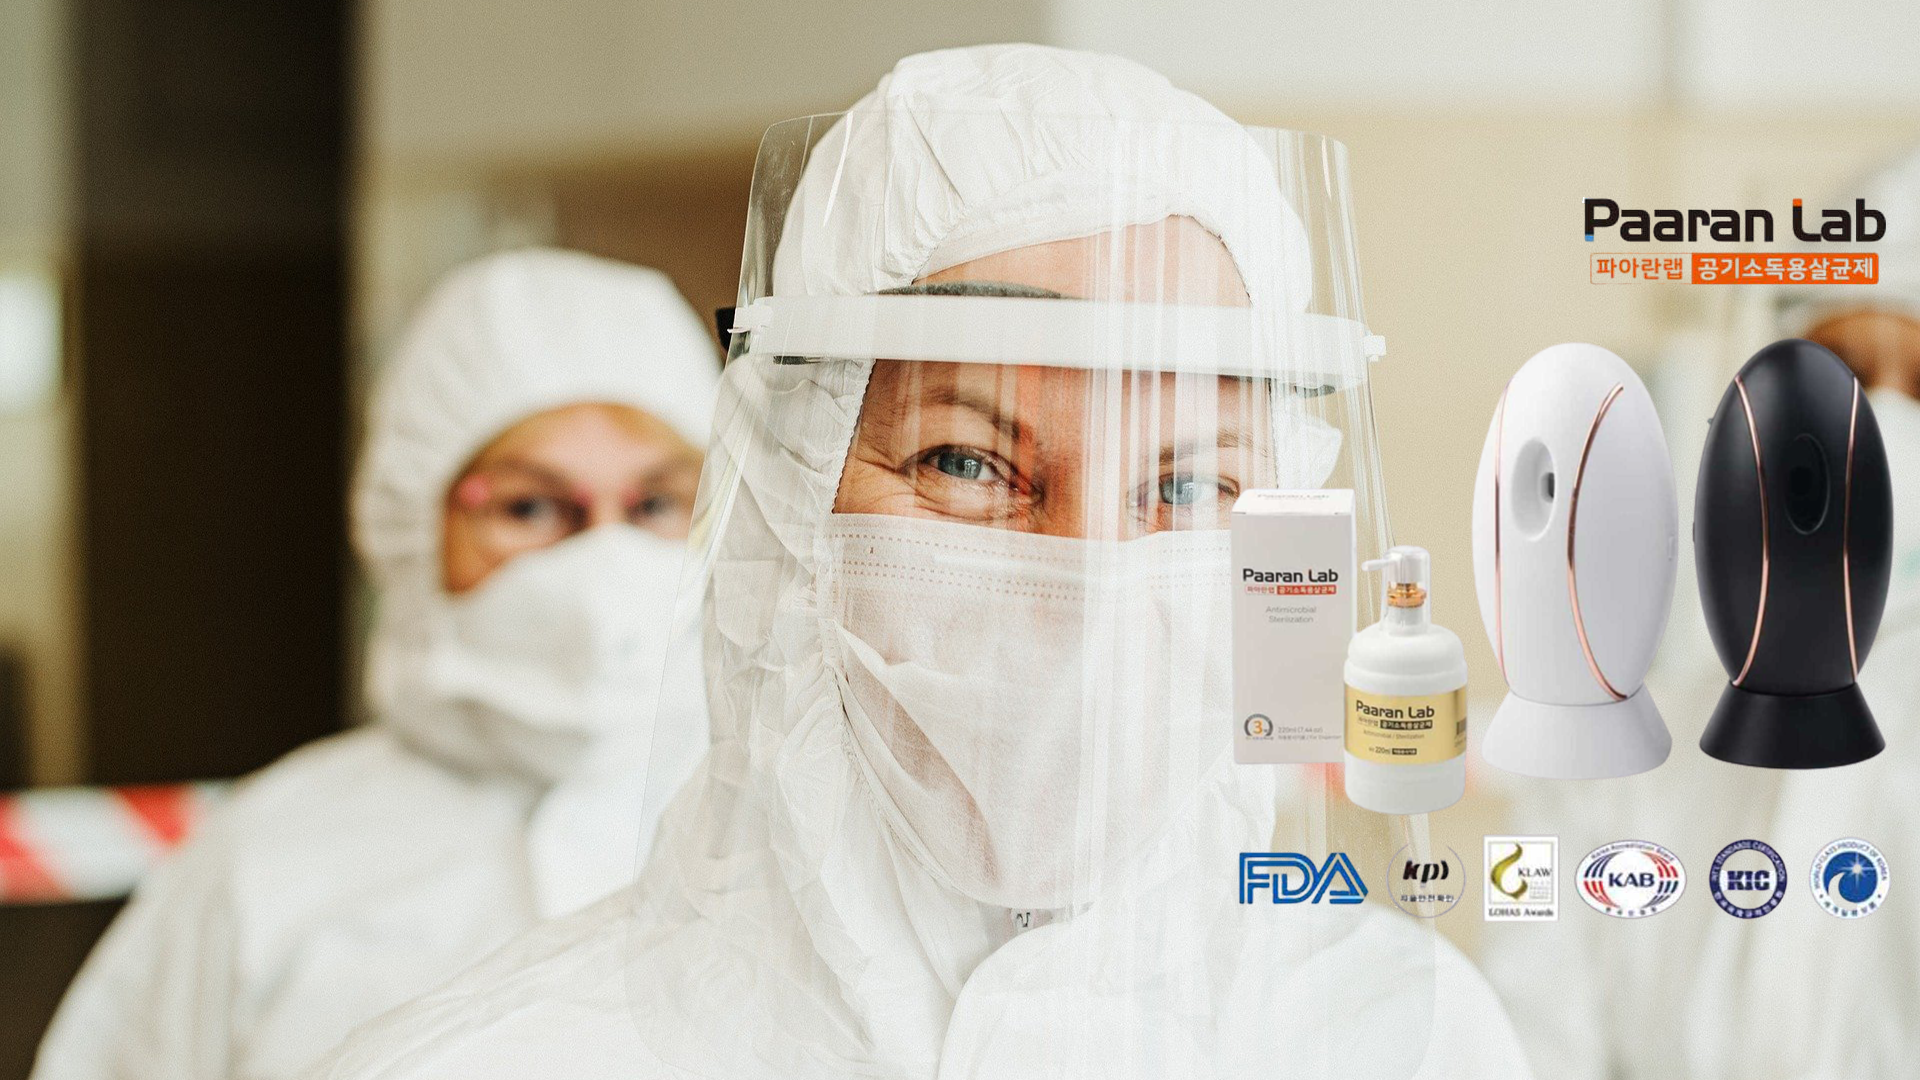 광촉매 공기살균기 파아란랩 코로나19 항균 99.9%